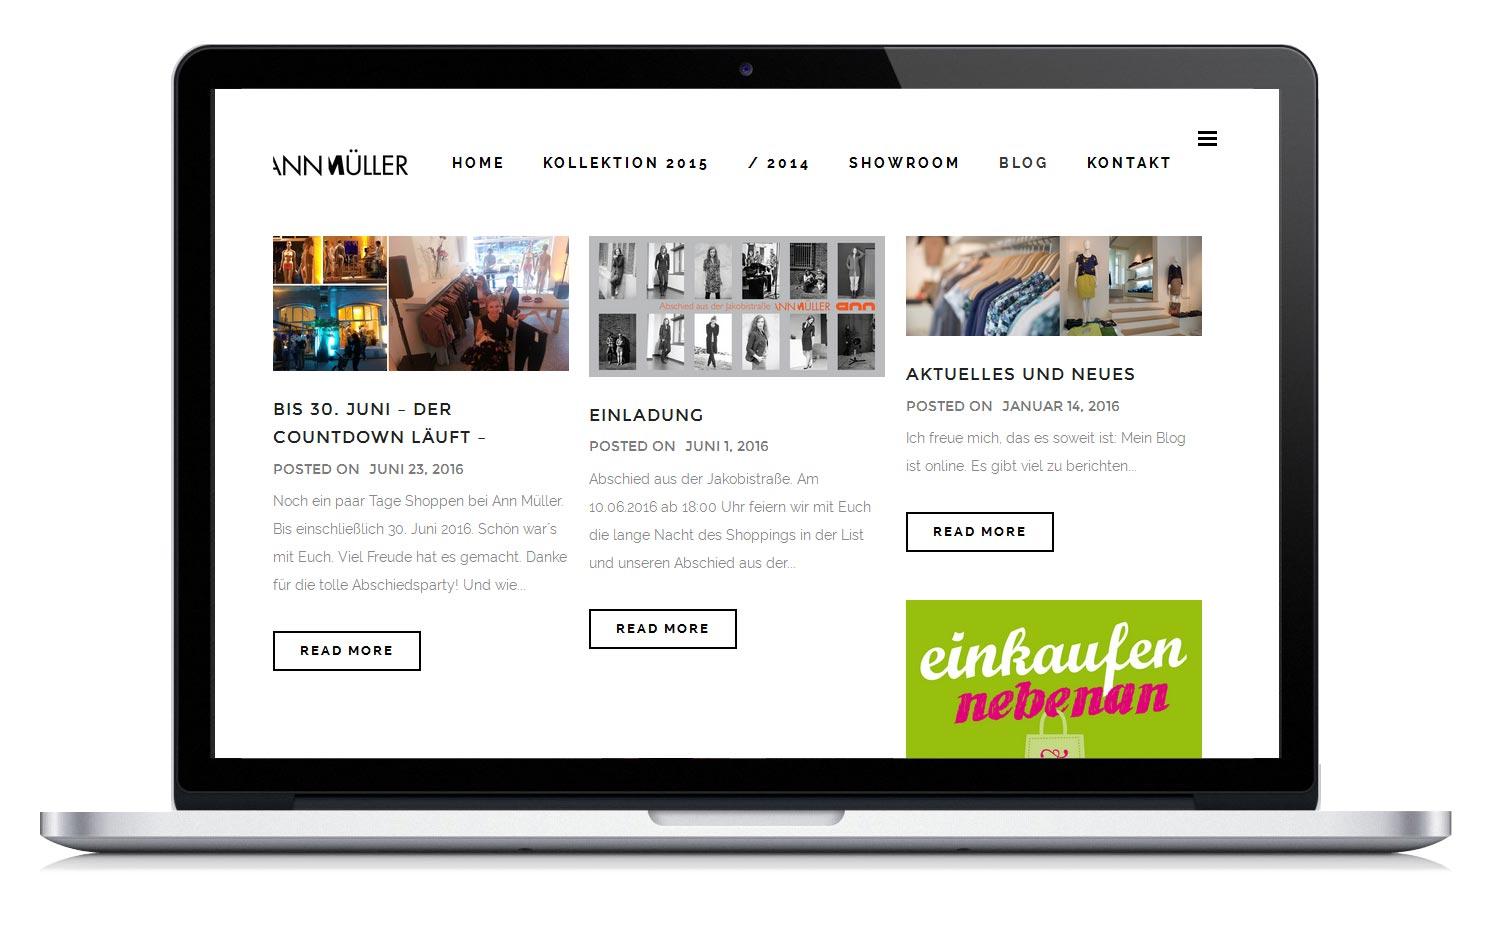 Homepage - Blog - für die Modedesignerin Ann Müller aus Hannover.